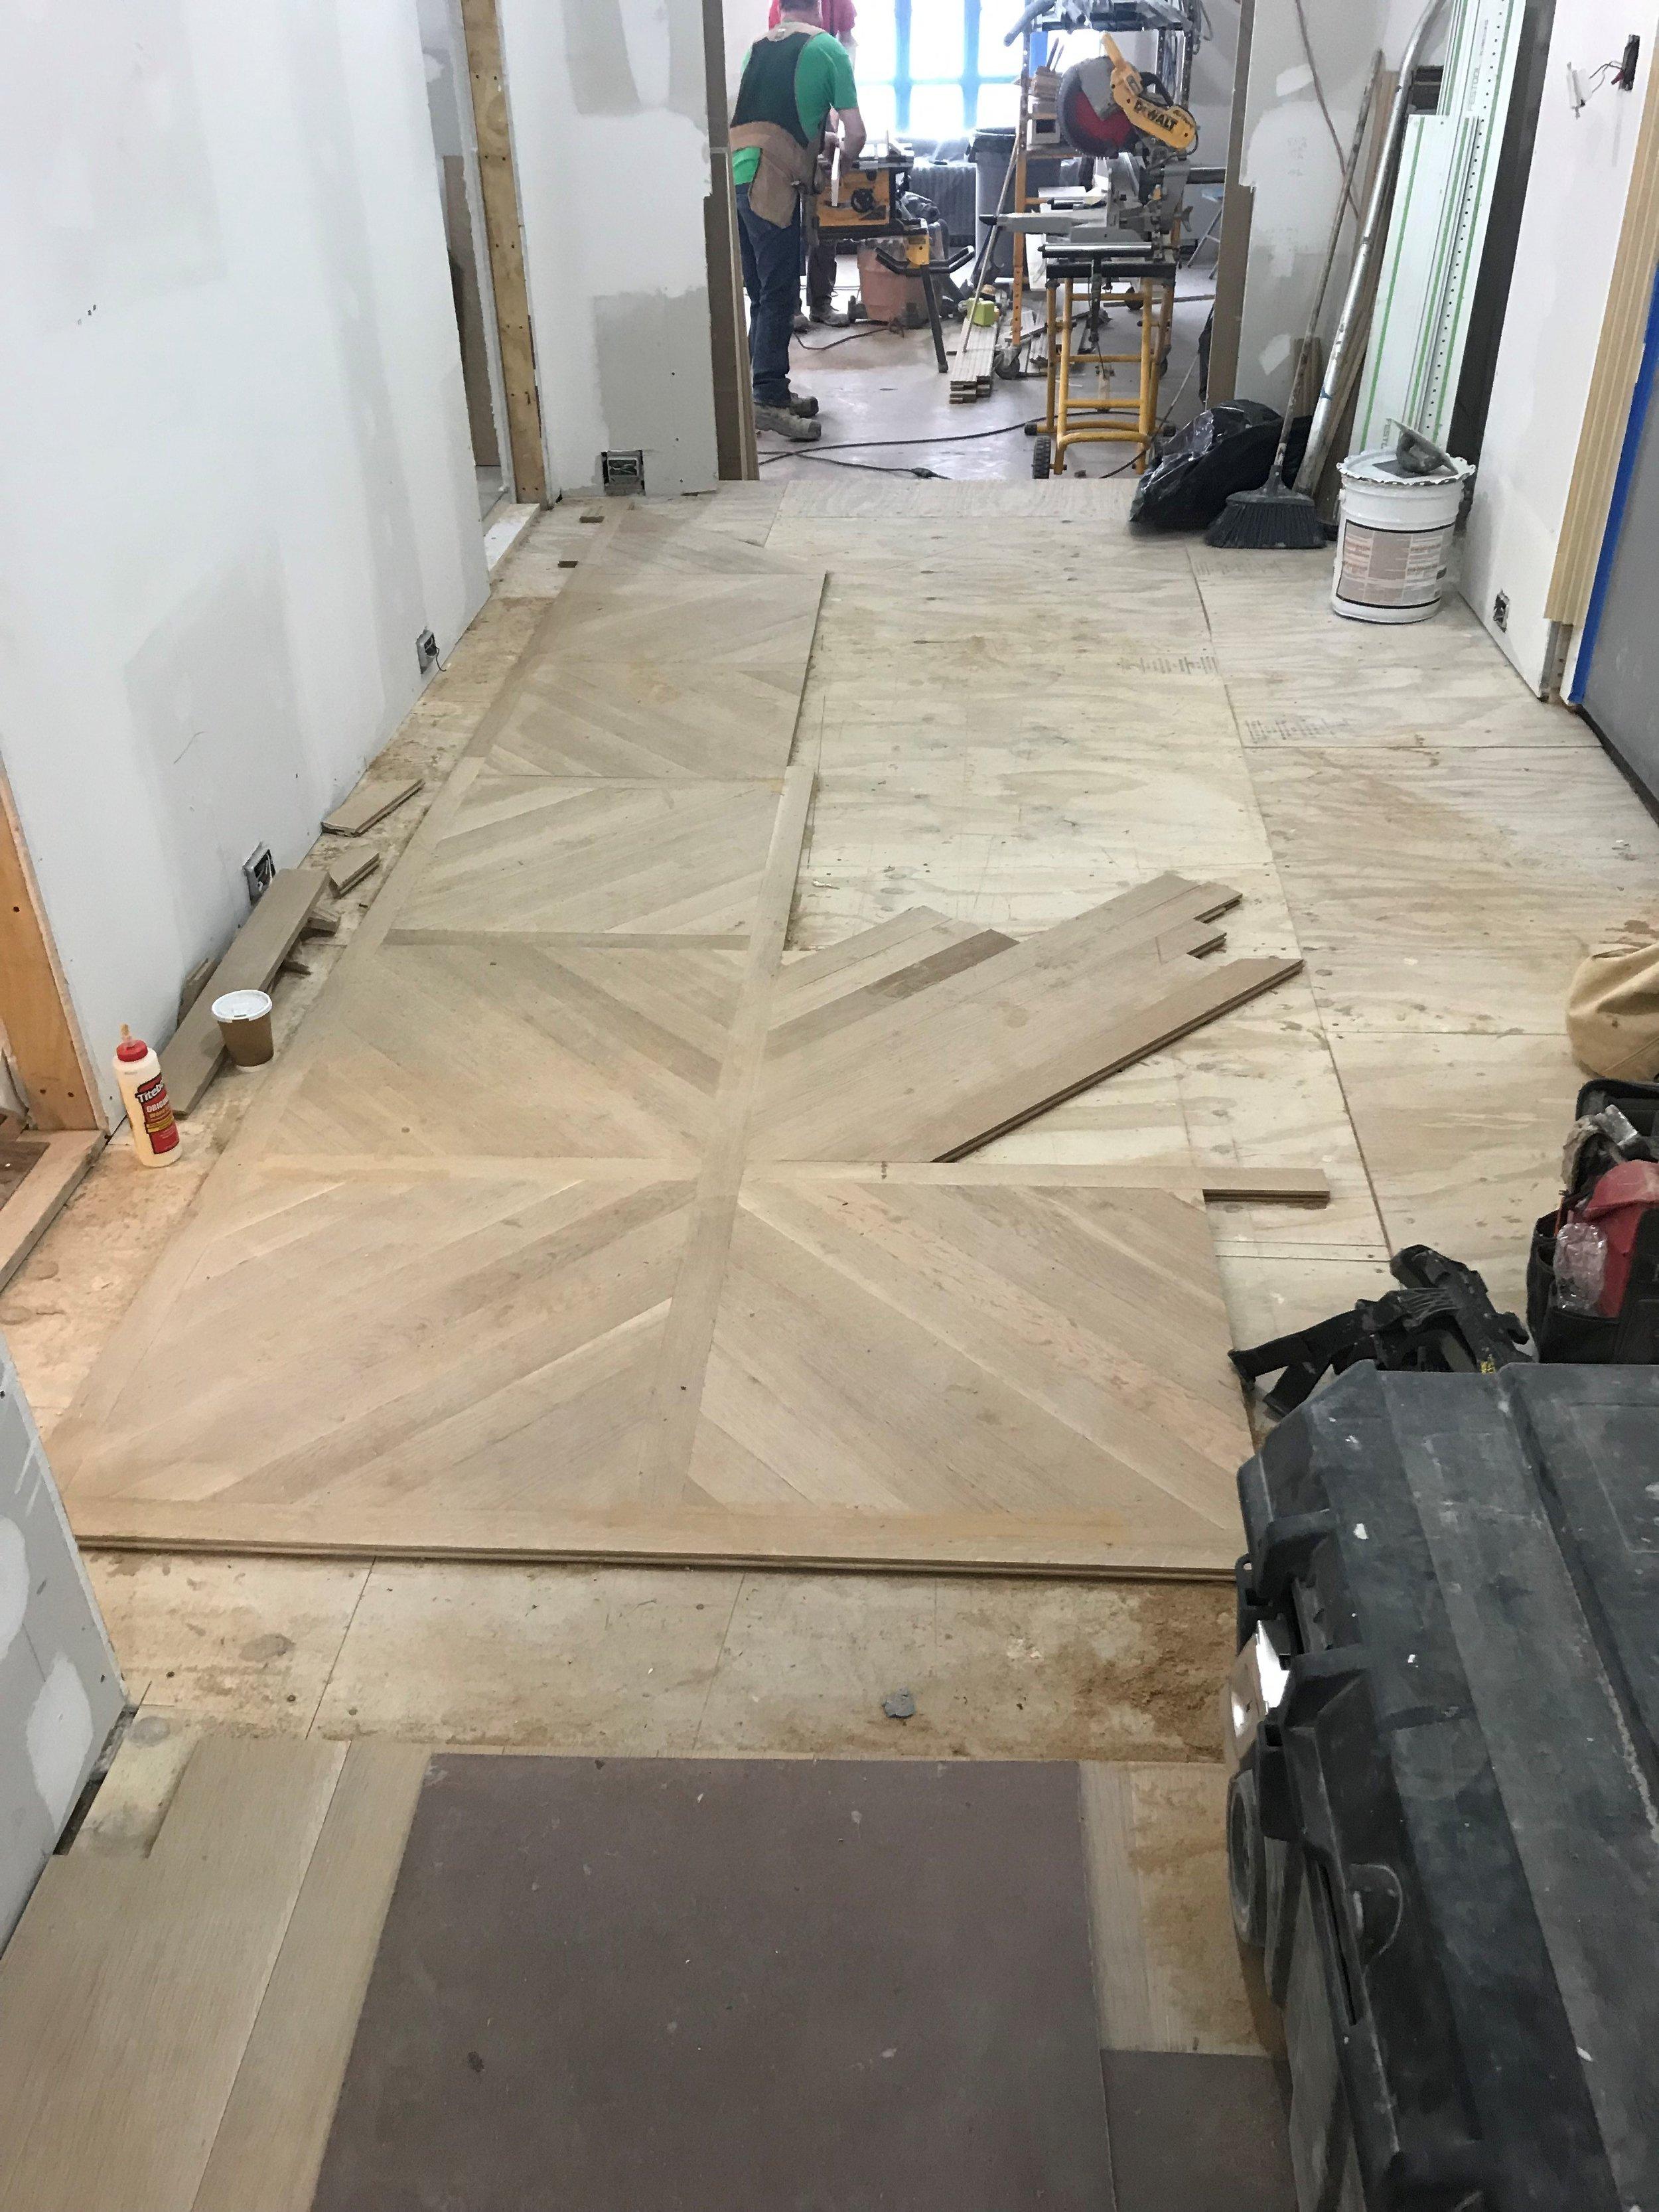 gallery floor.jpg